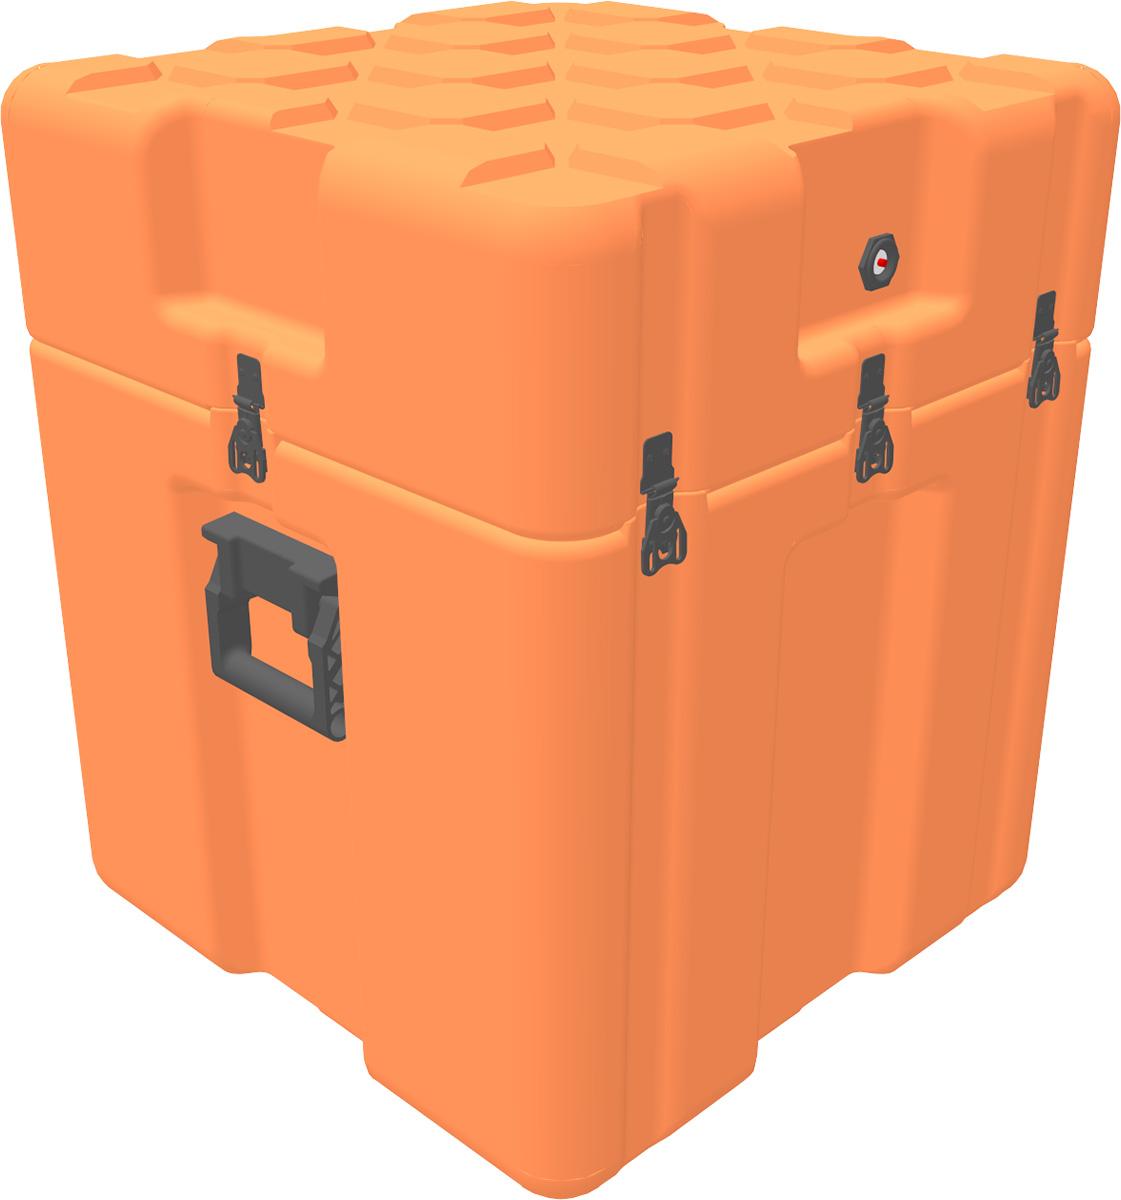 peli eu060060-5020 eu060060 5020 isp2 shipping case